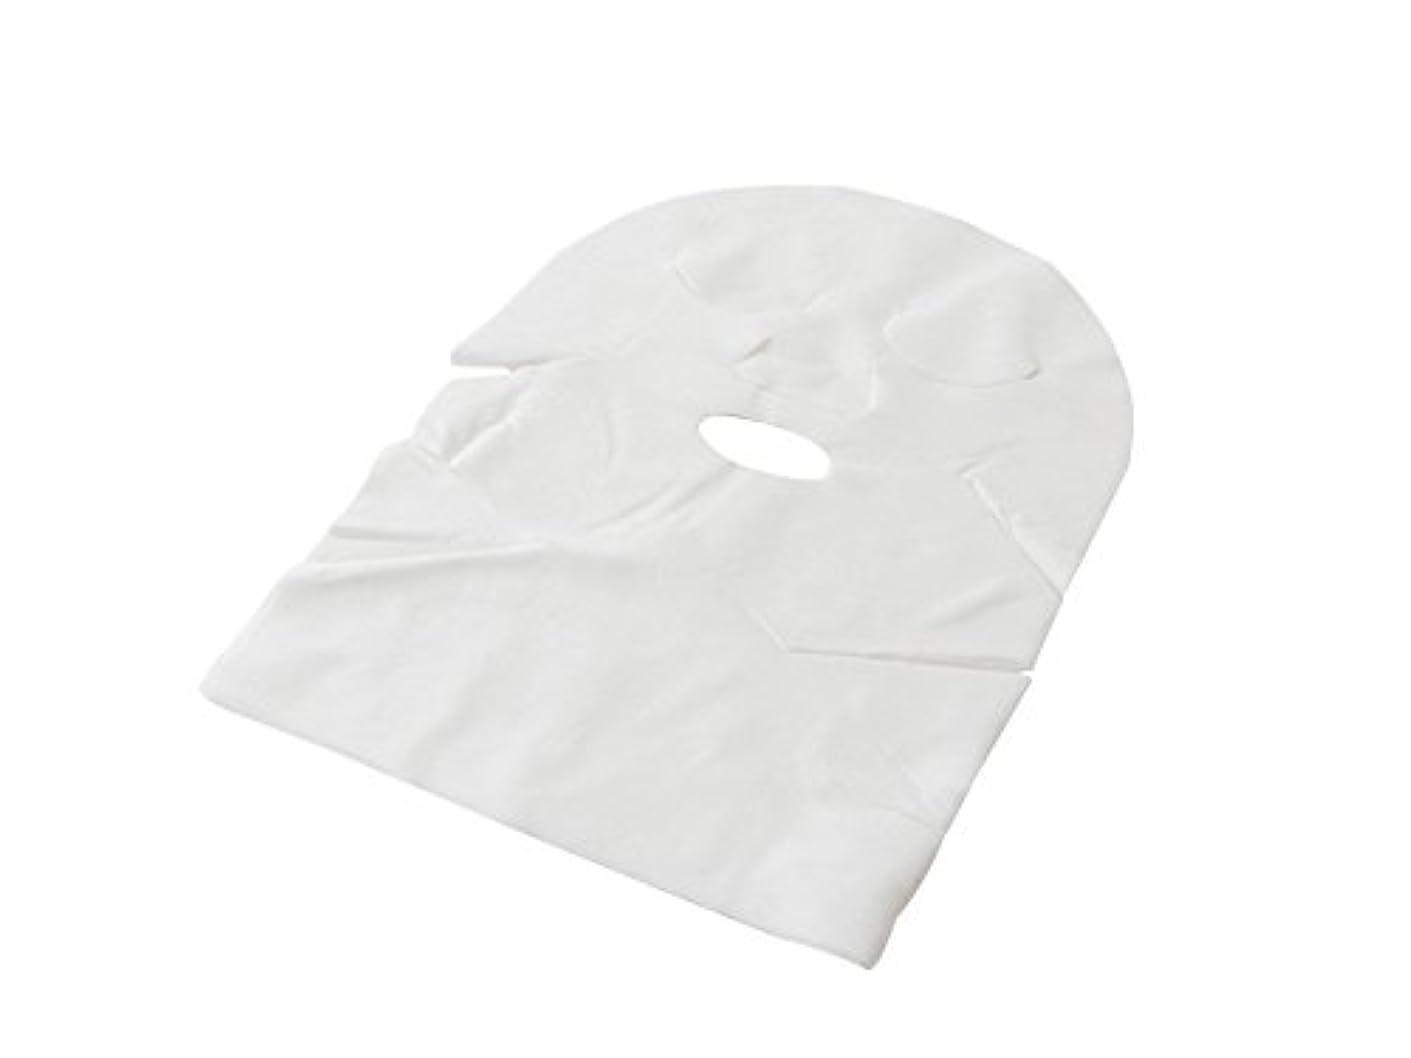 満足できる地上でみなさん【業務用 高品質】フェイスマスク フェイスシート ネック付 化粧水パック/ローションパック用